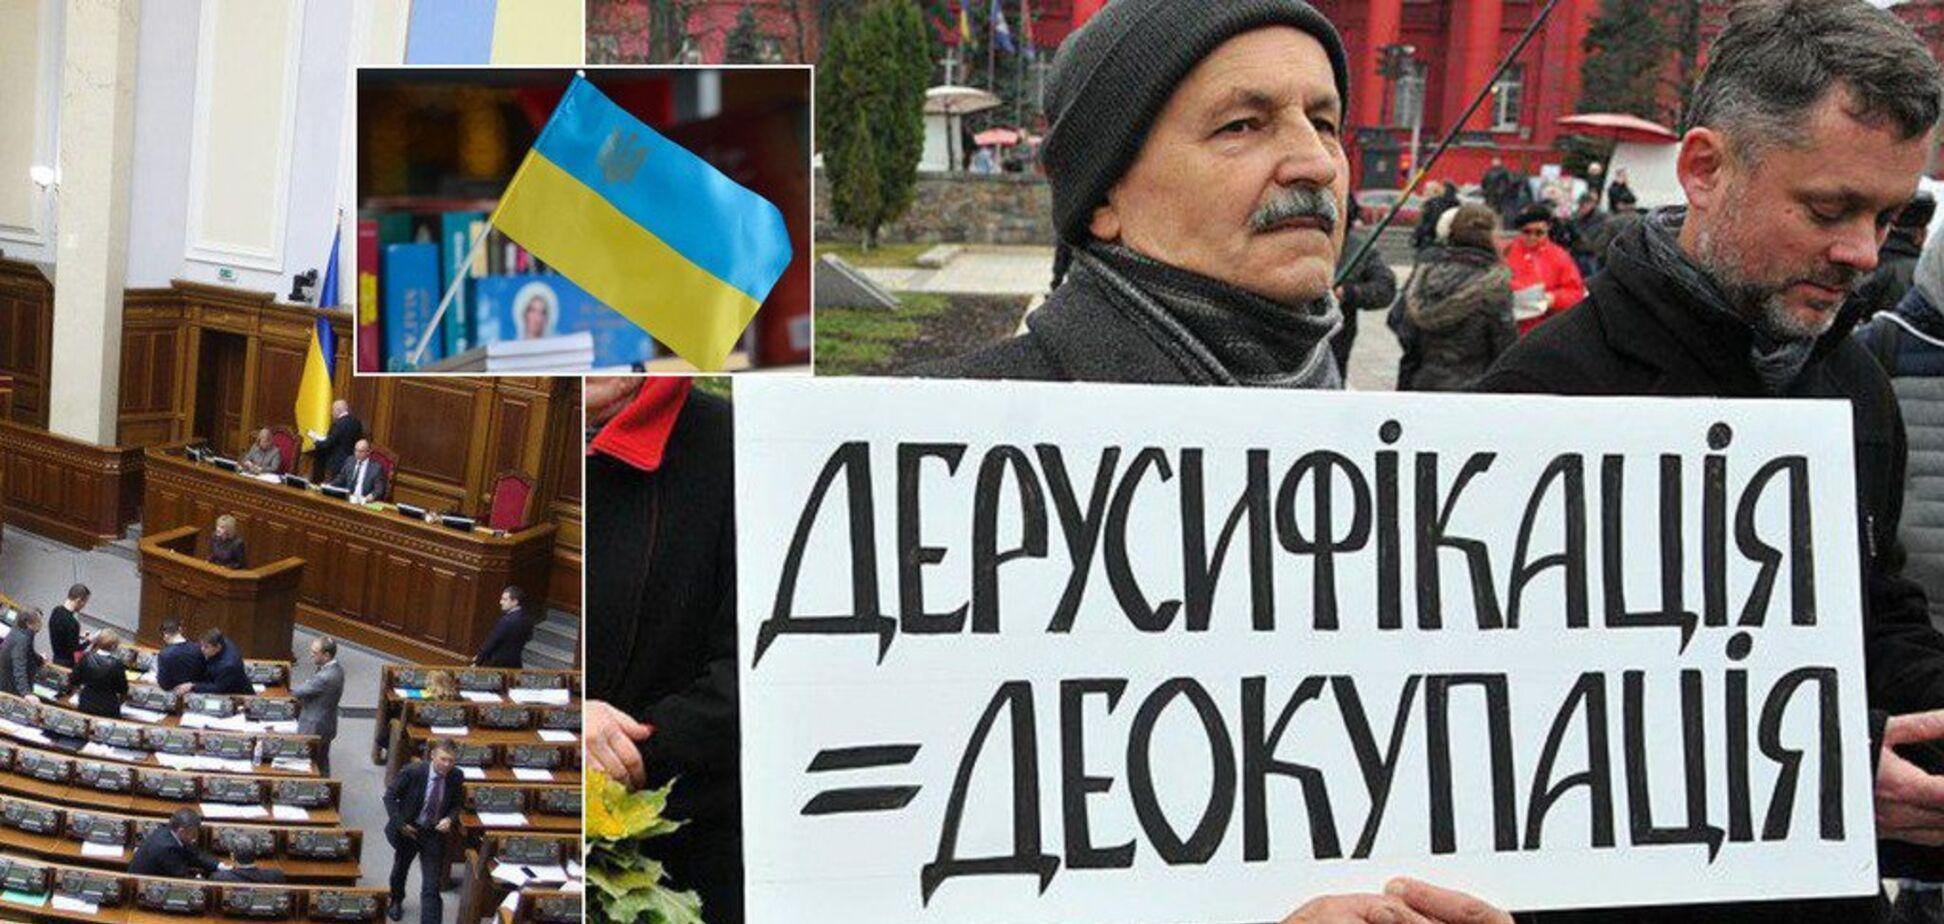 Штрафы и 10 лет тюрьмы: что изменит закон о 'тотальной украинизации'